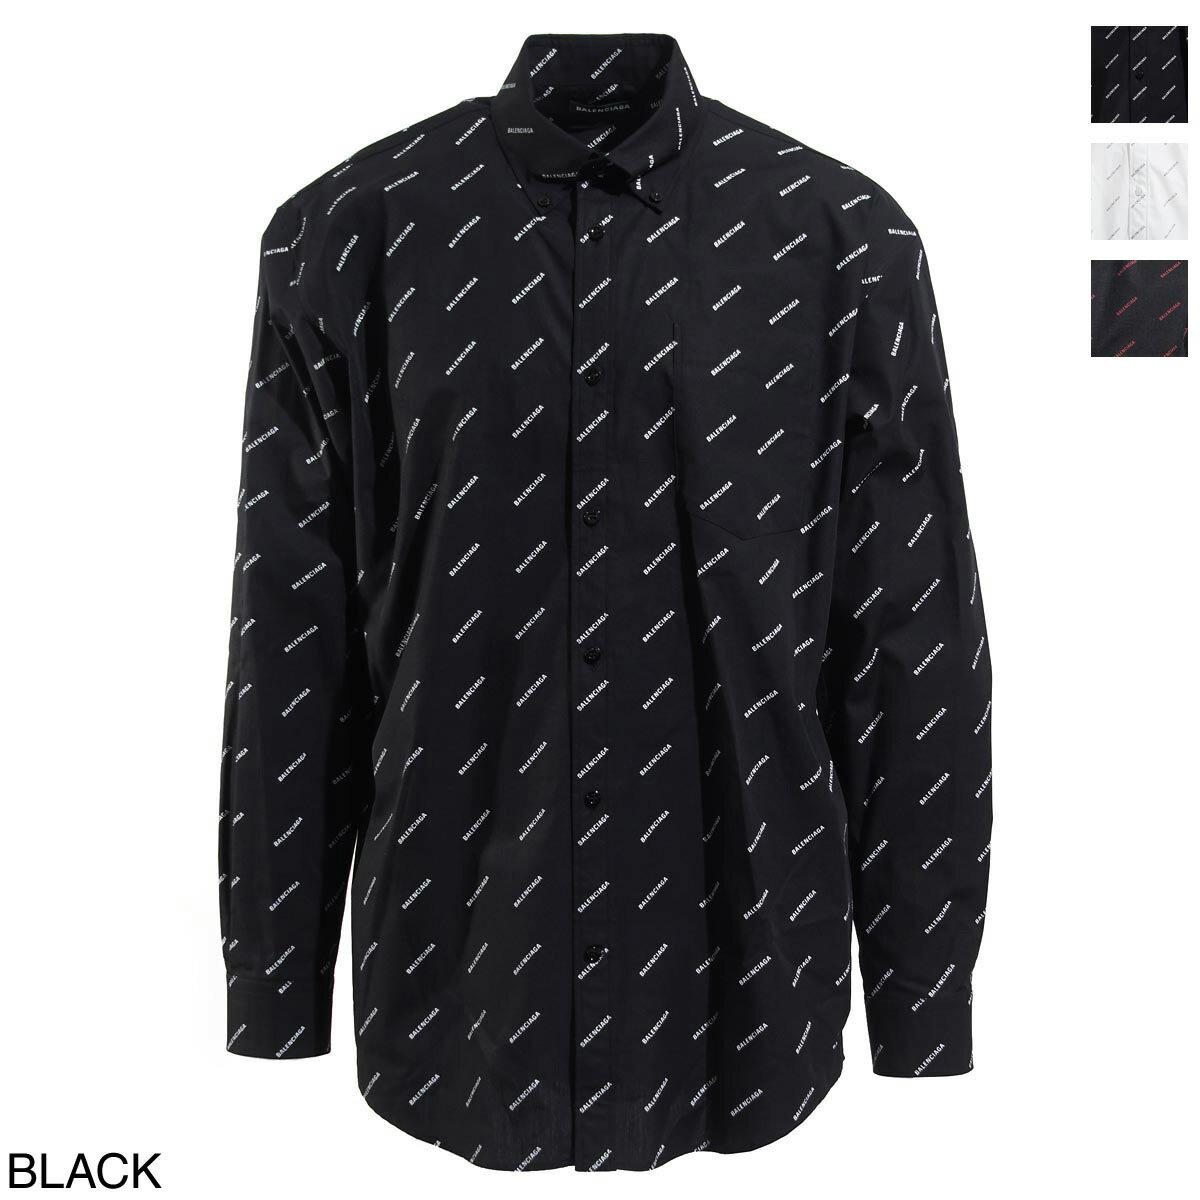 トップス, カジュアルシャツ  BALENCIAGA 534333 tbl96 1070 ALL OVER